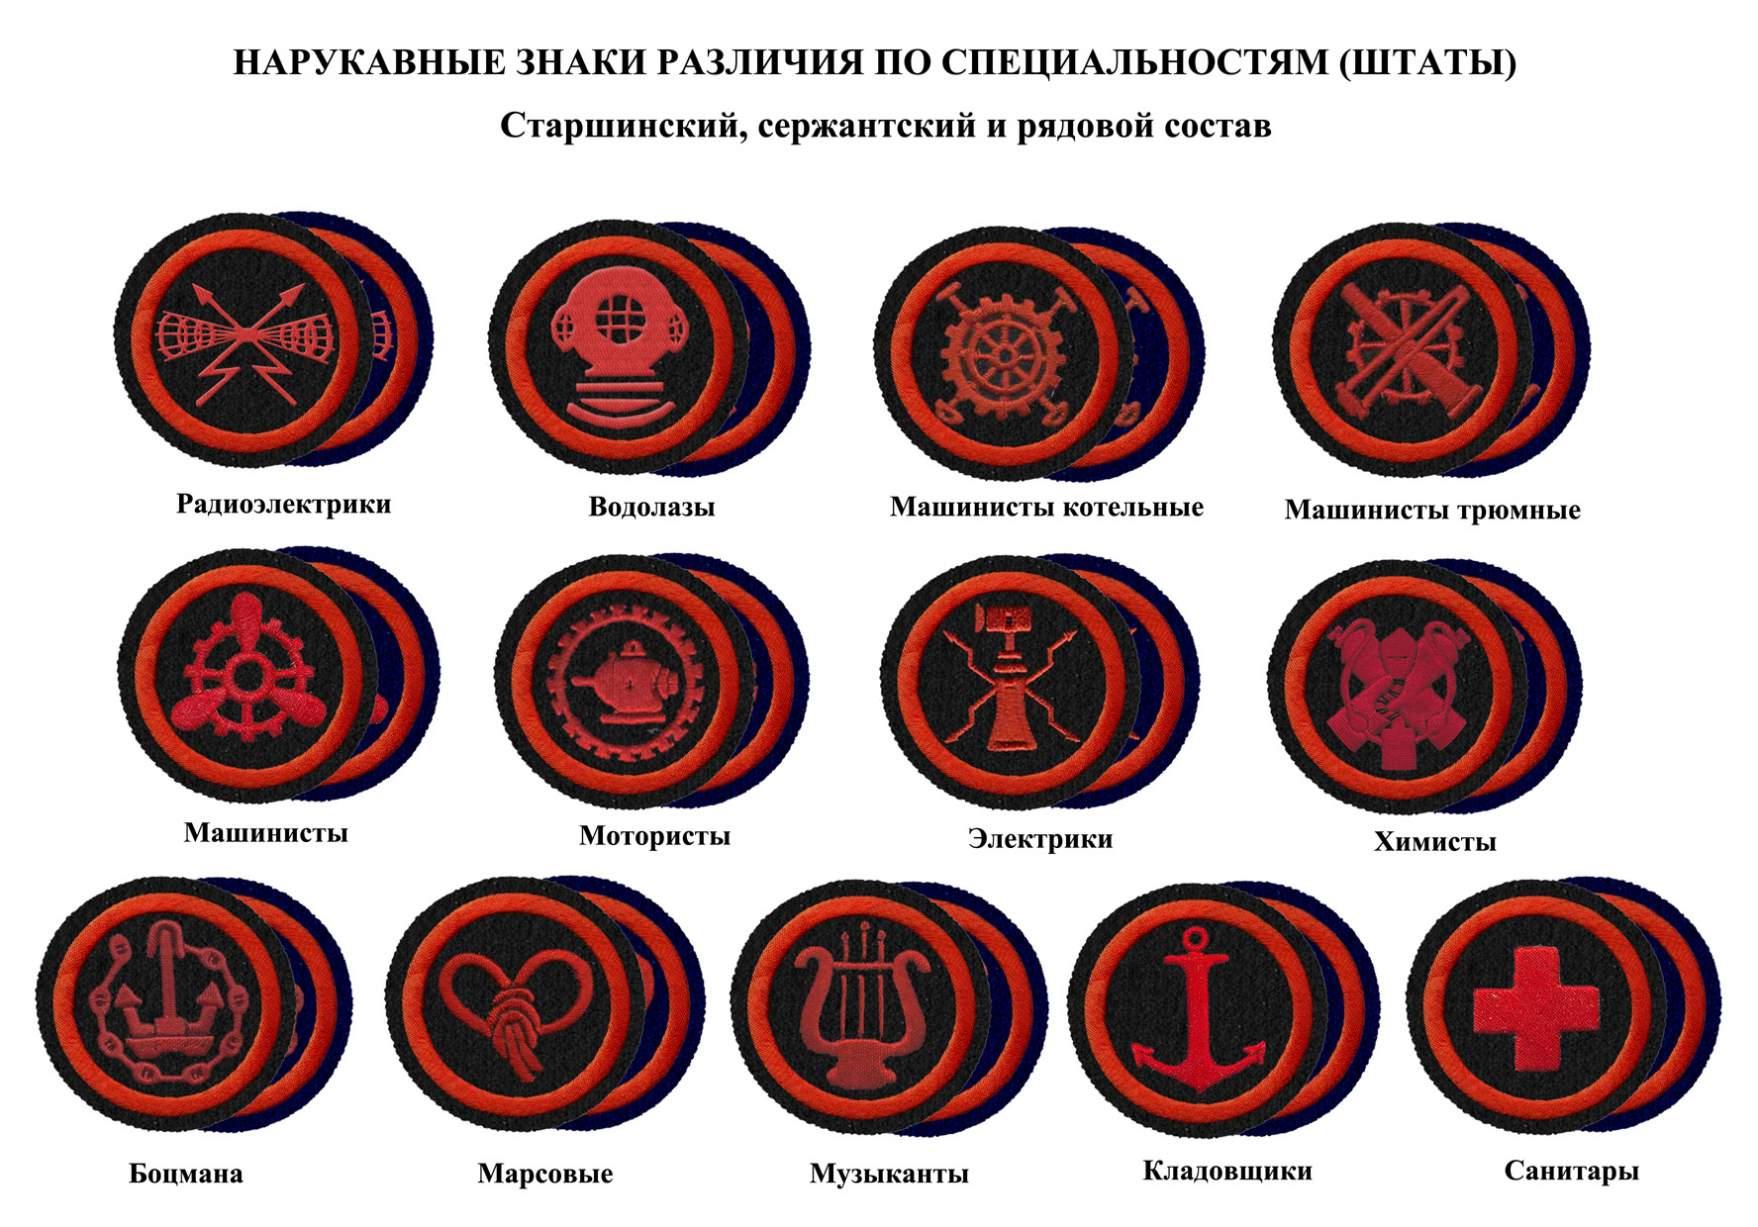 ... insignia-soviet-navy-1943-year-soviet-naval-enlisted-branch-insignia-2